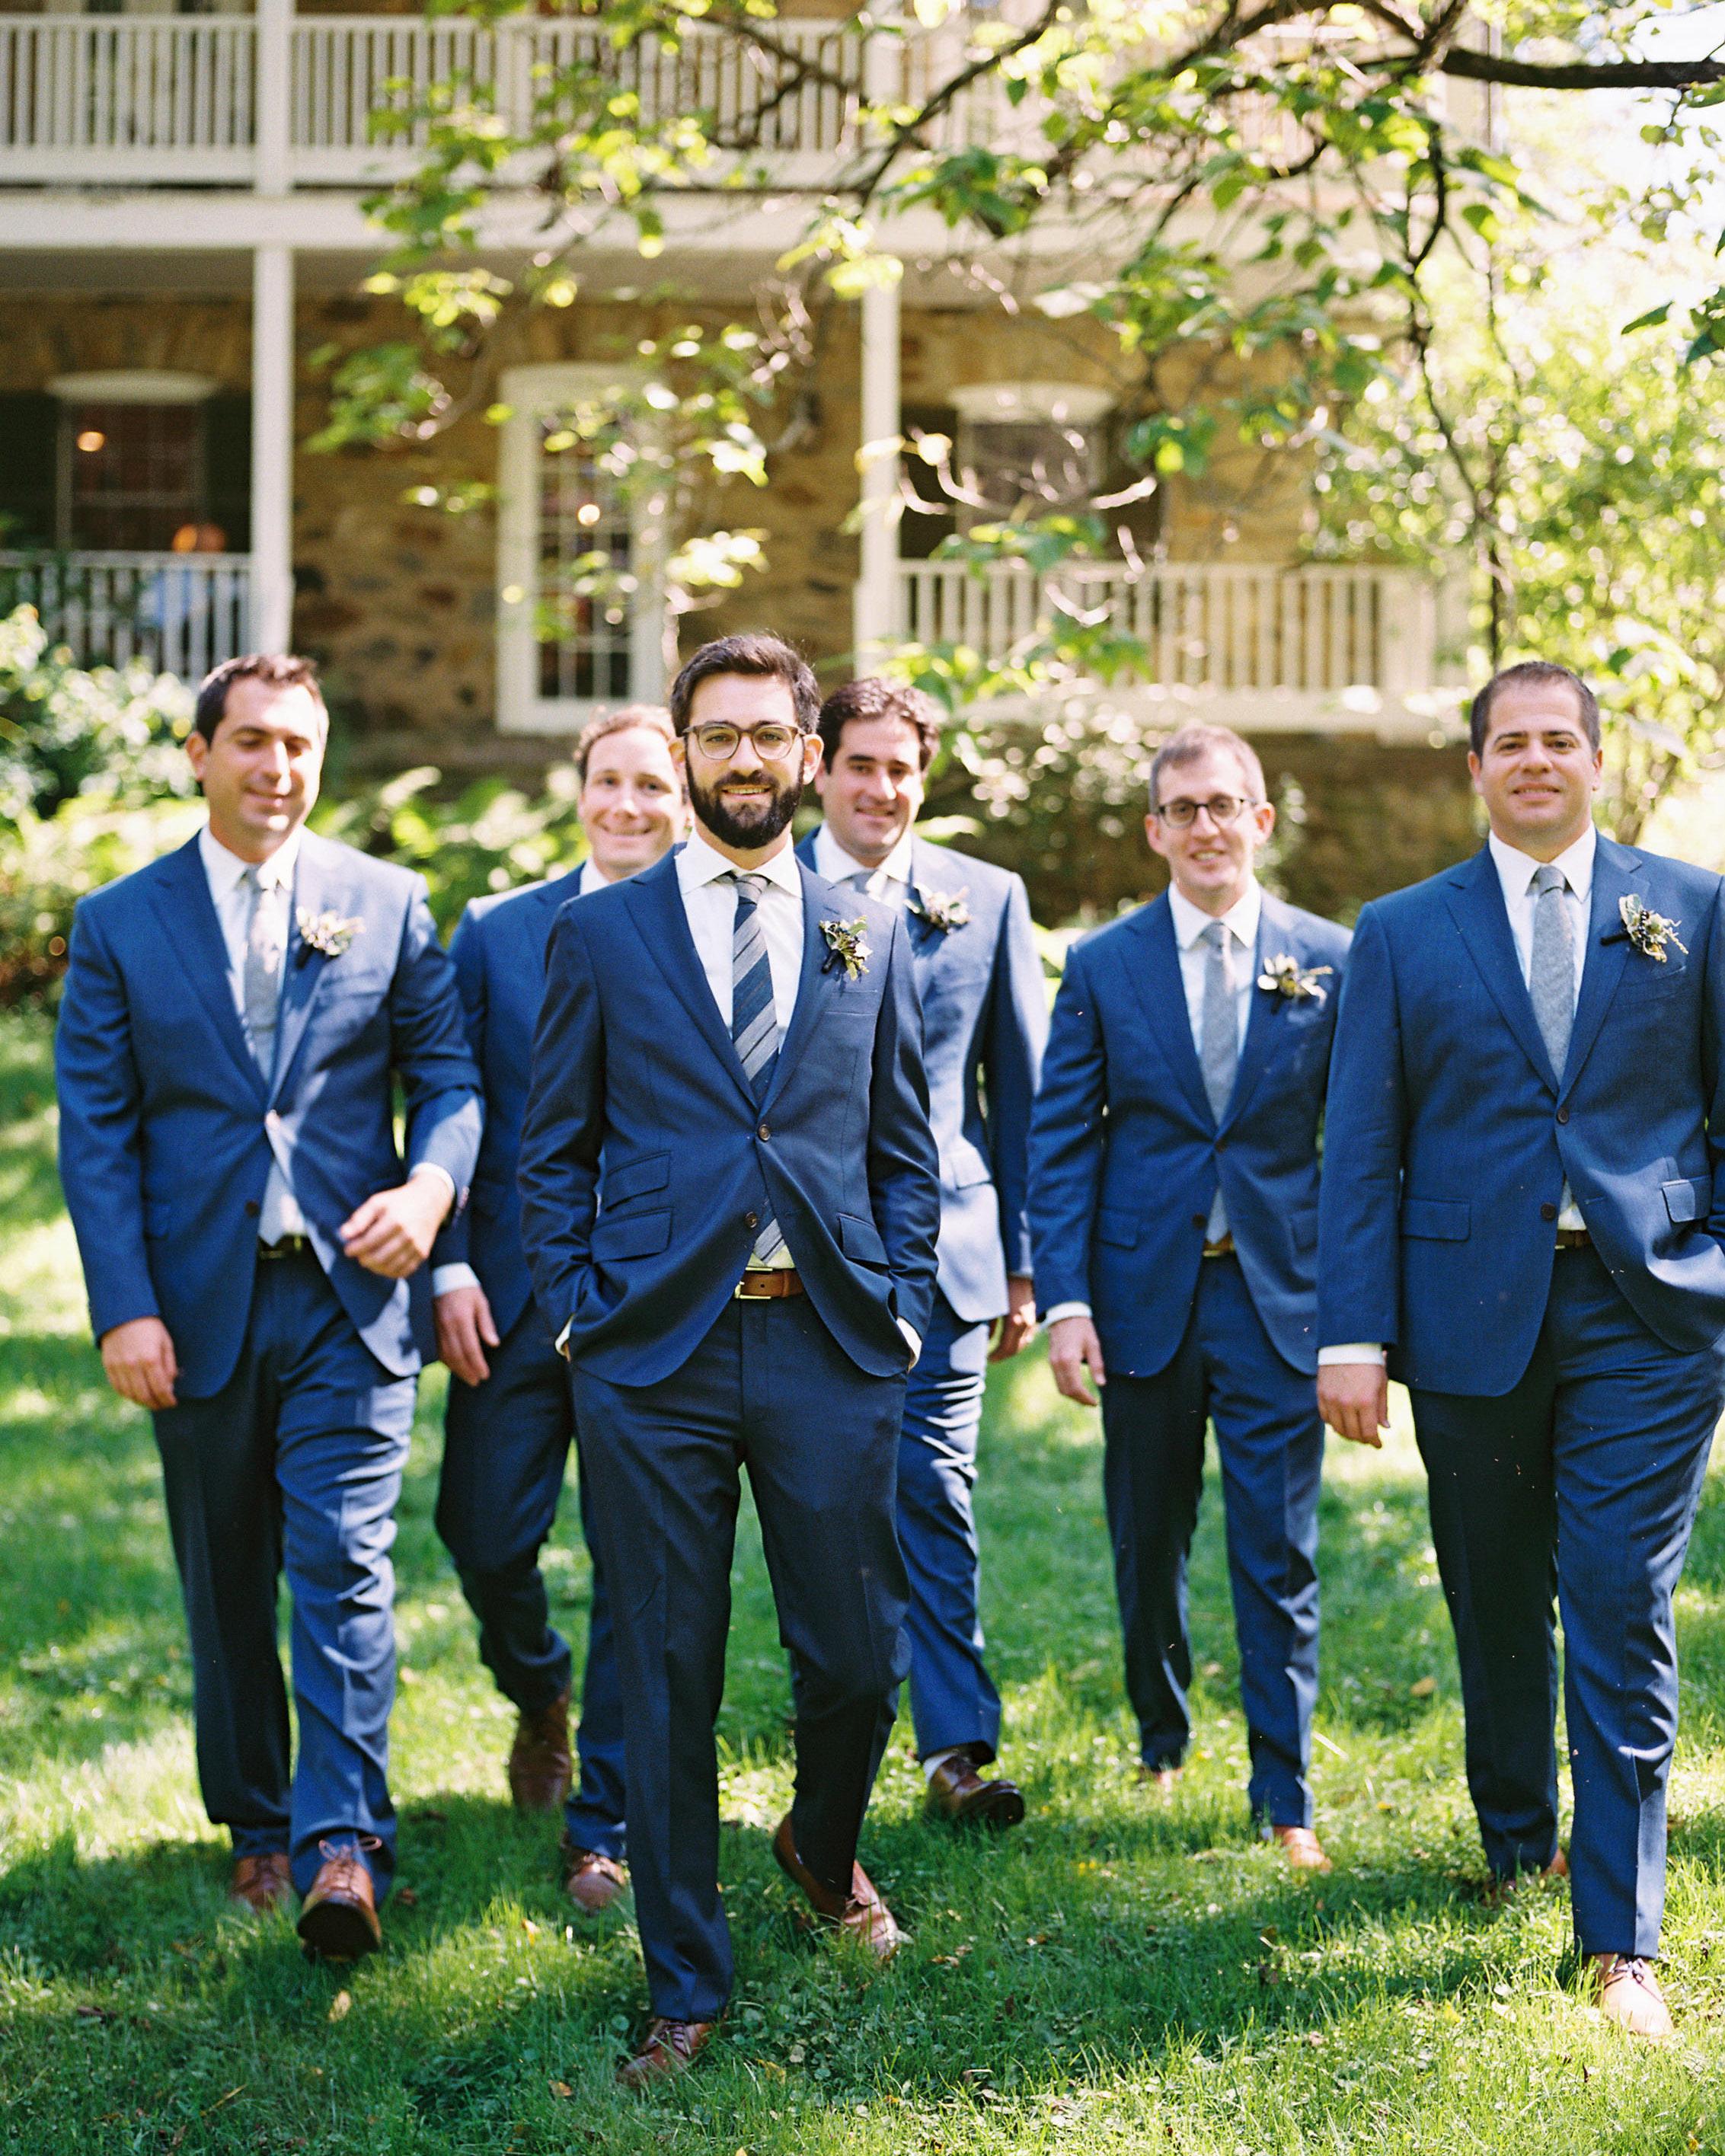 groom and groomsman in dark blue suits